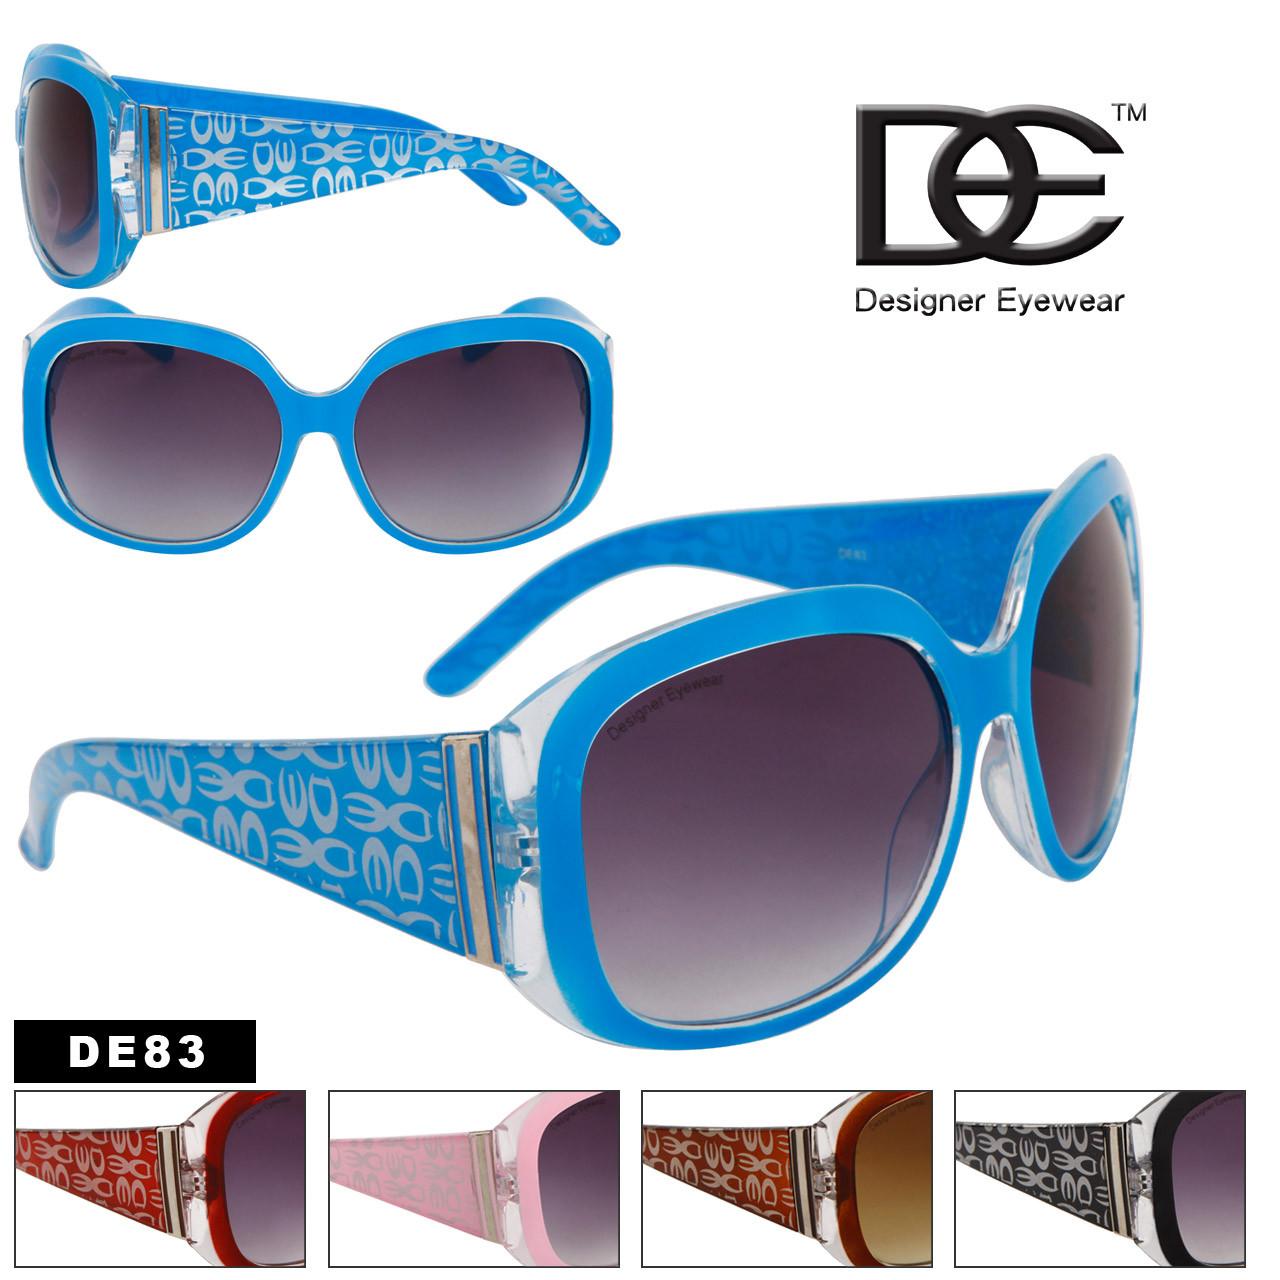 DE™ Bulk Fashion Sunglasses - Style # DE83